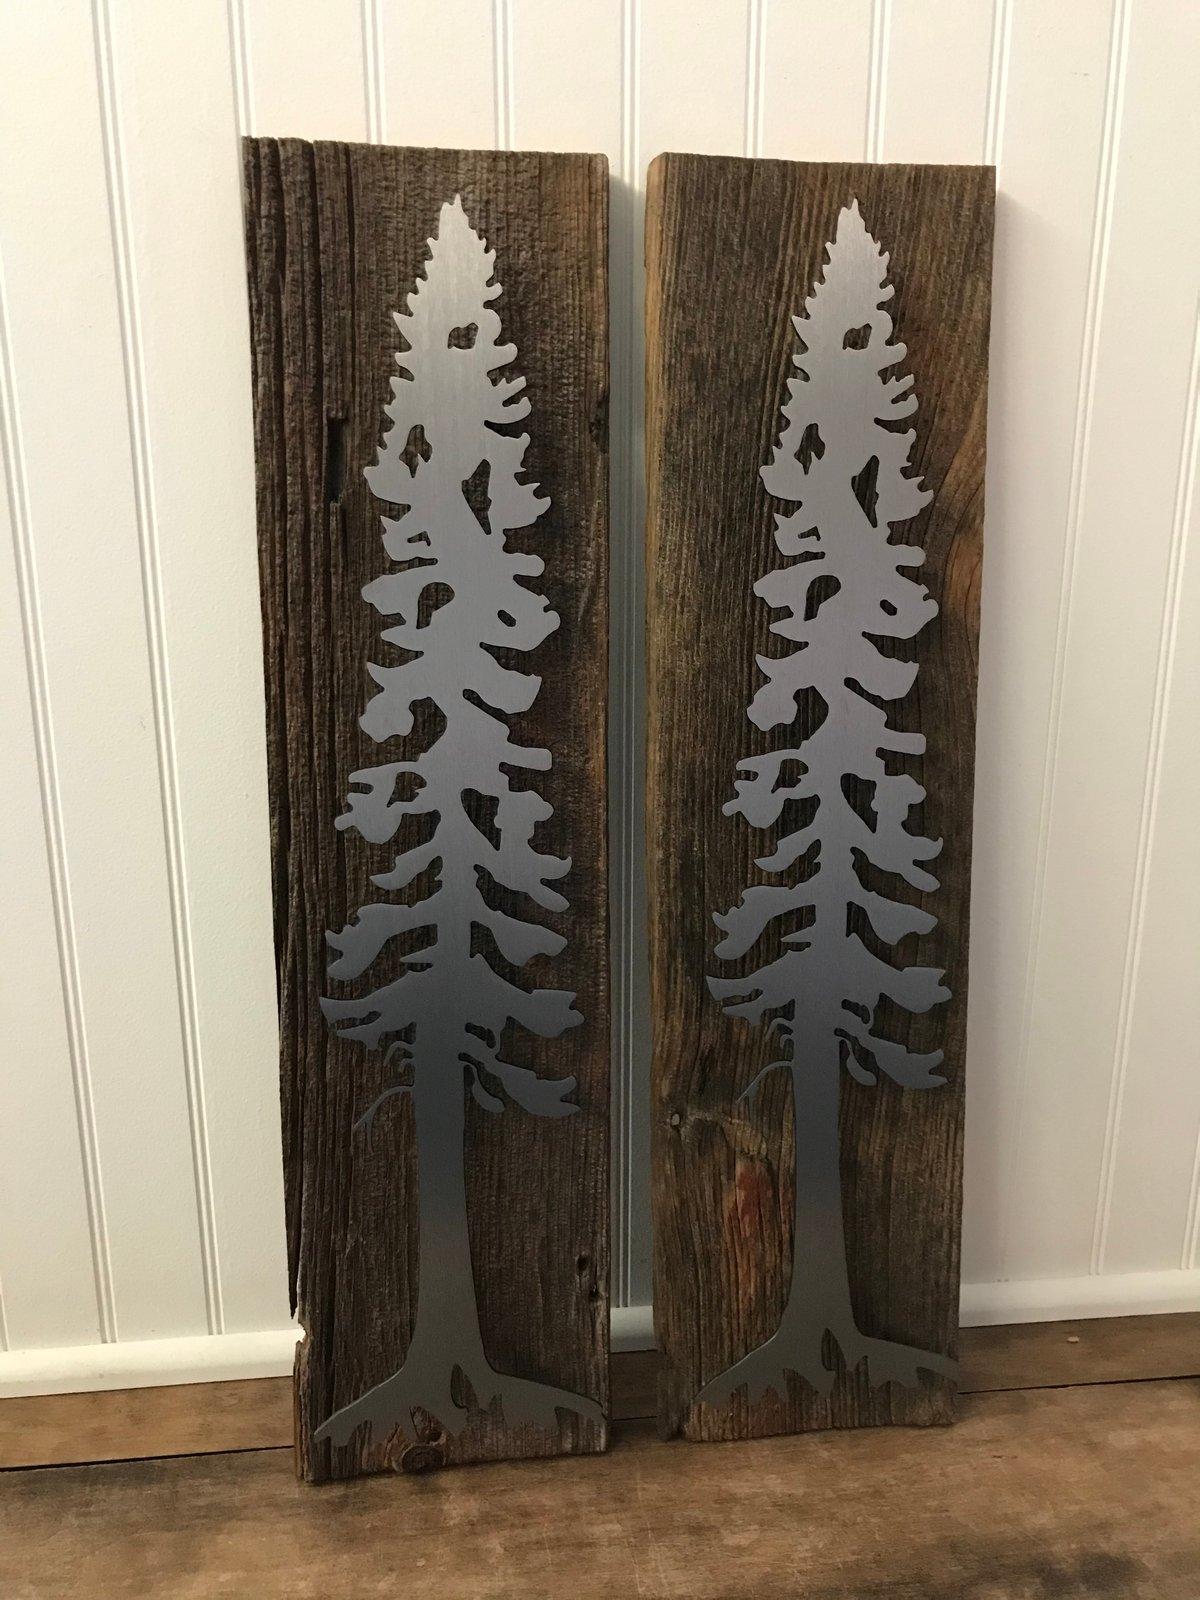 Set of Pine Trees on Barn Wood